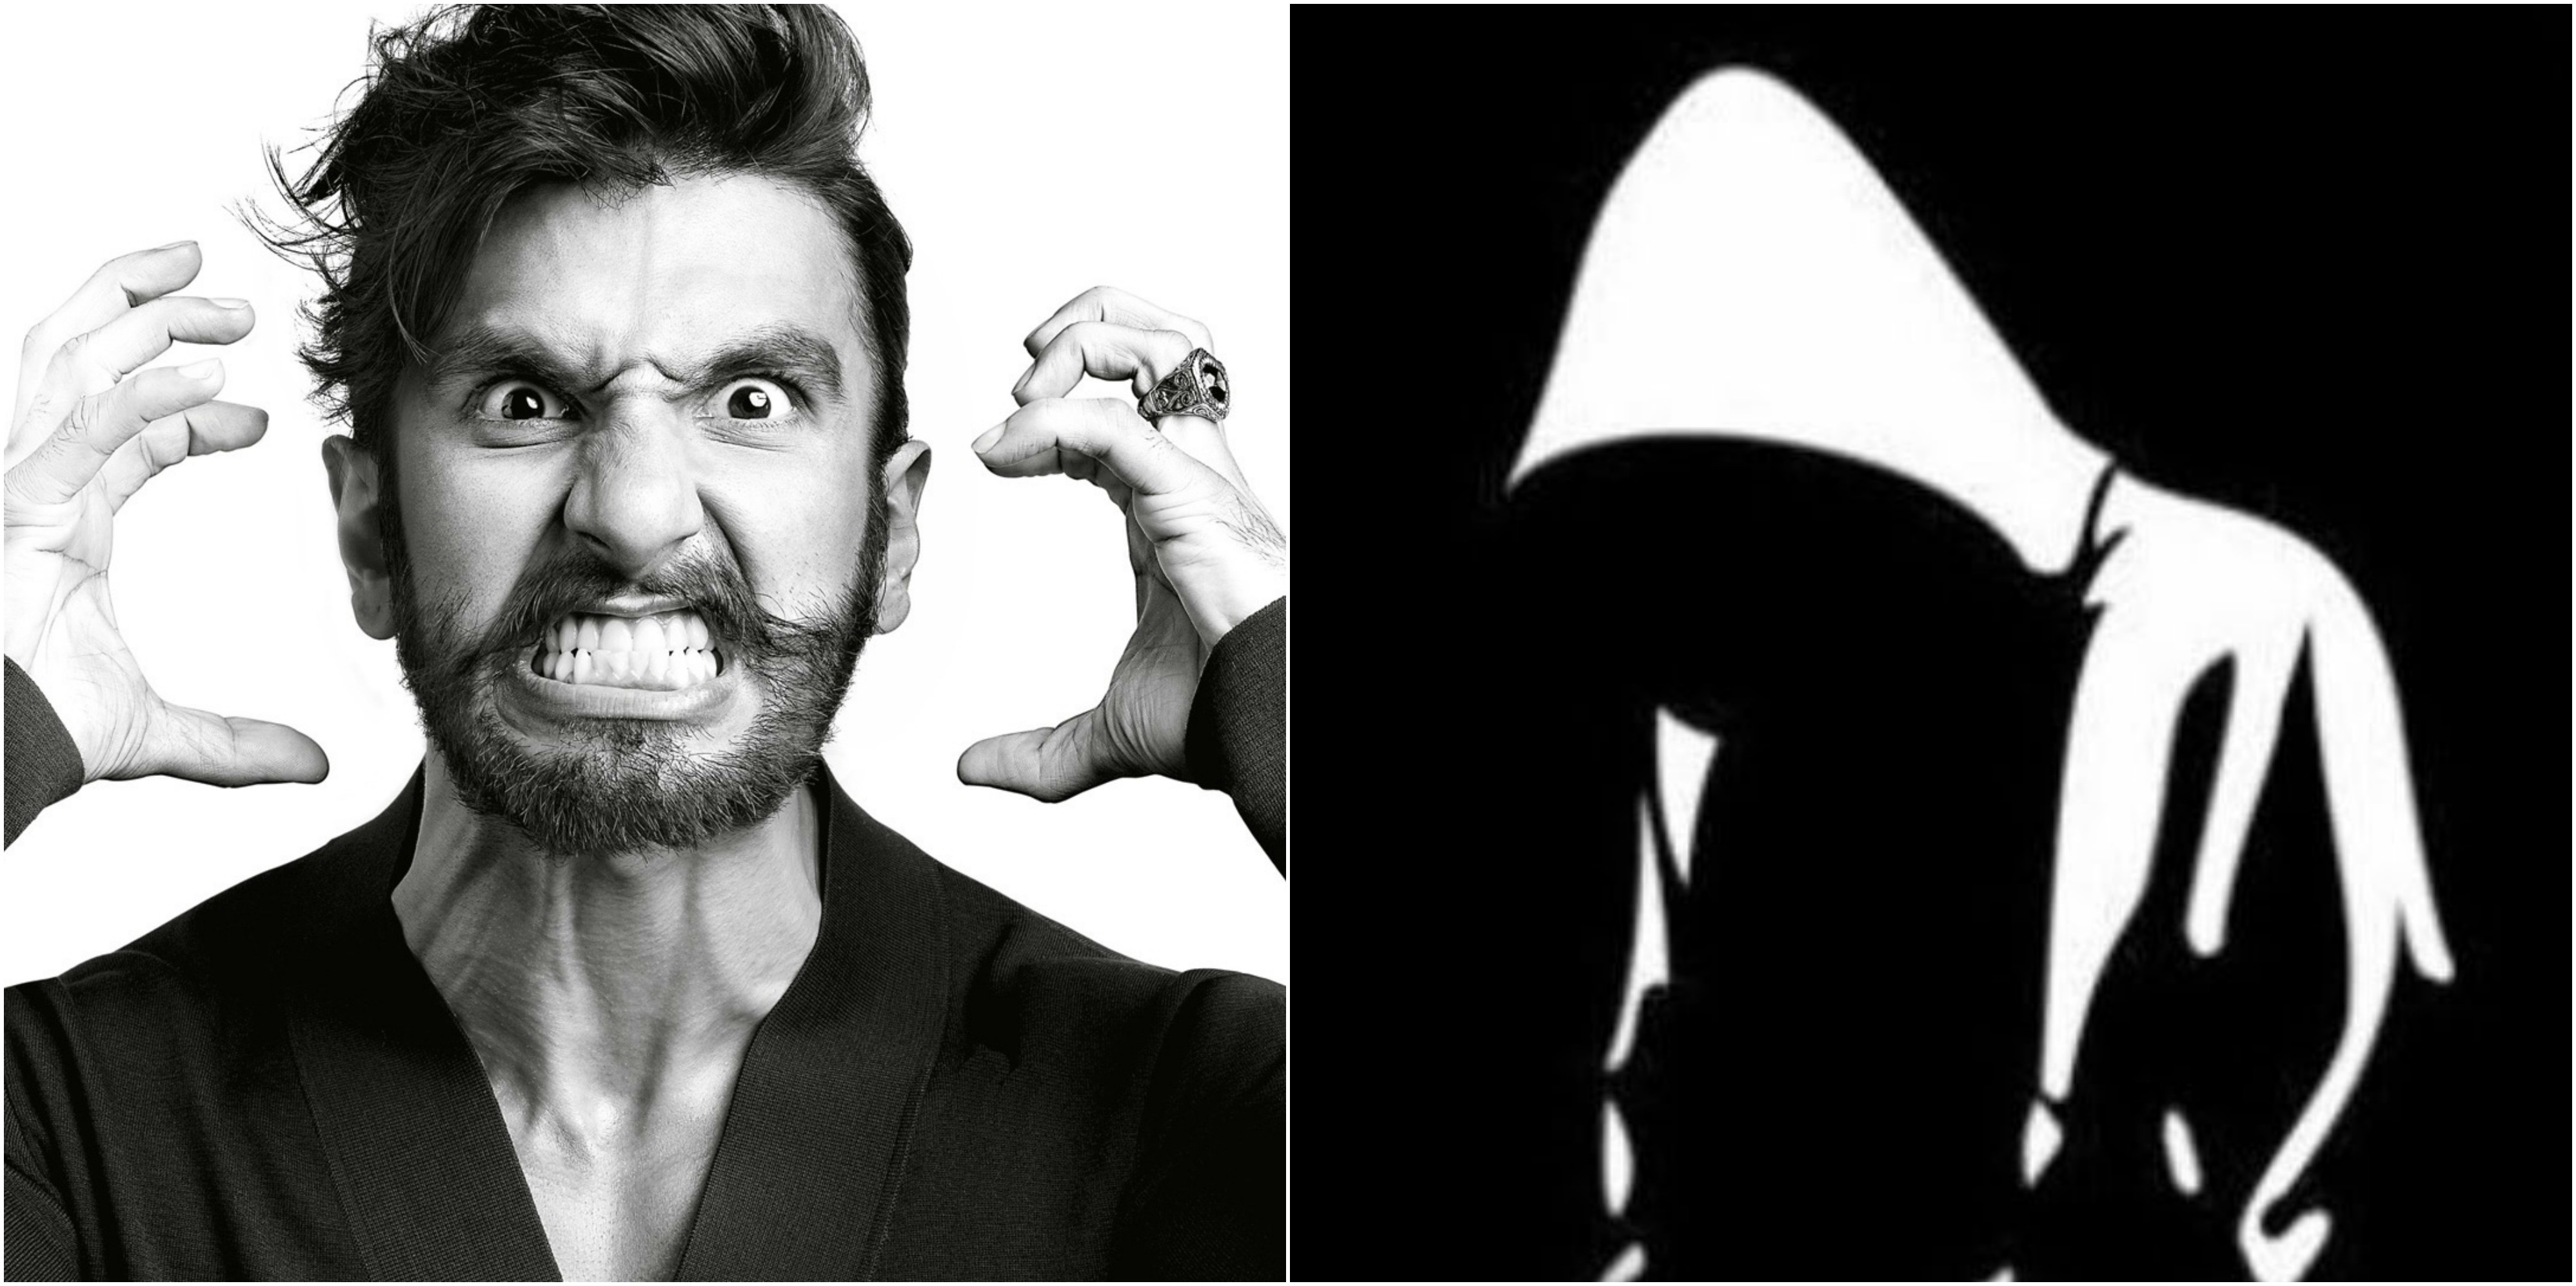 Padmavati-SLB Replaces Ranveer Singh with this Actor